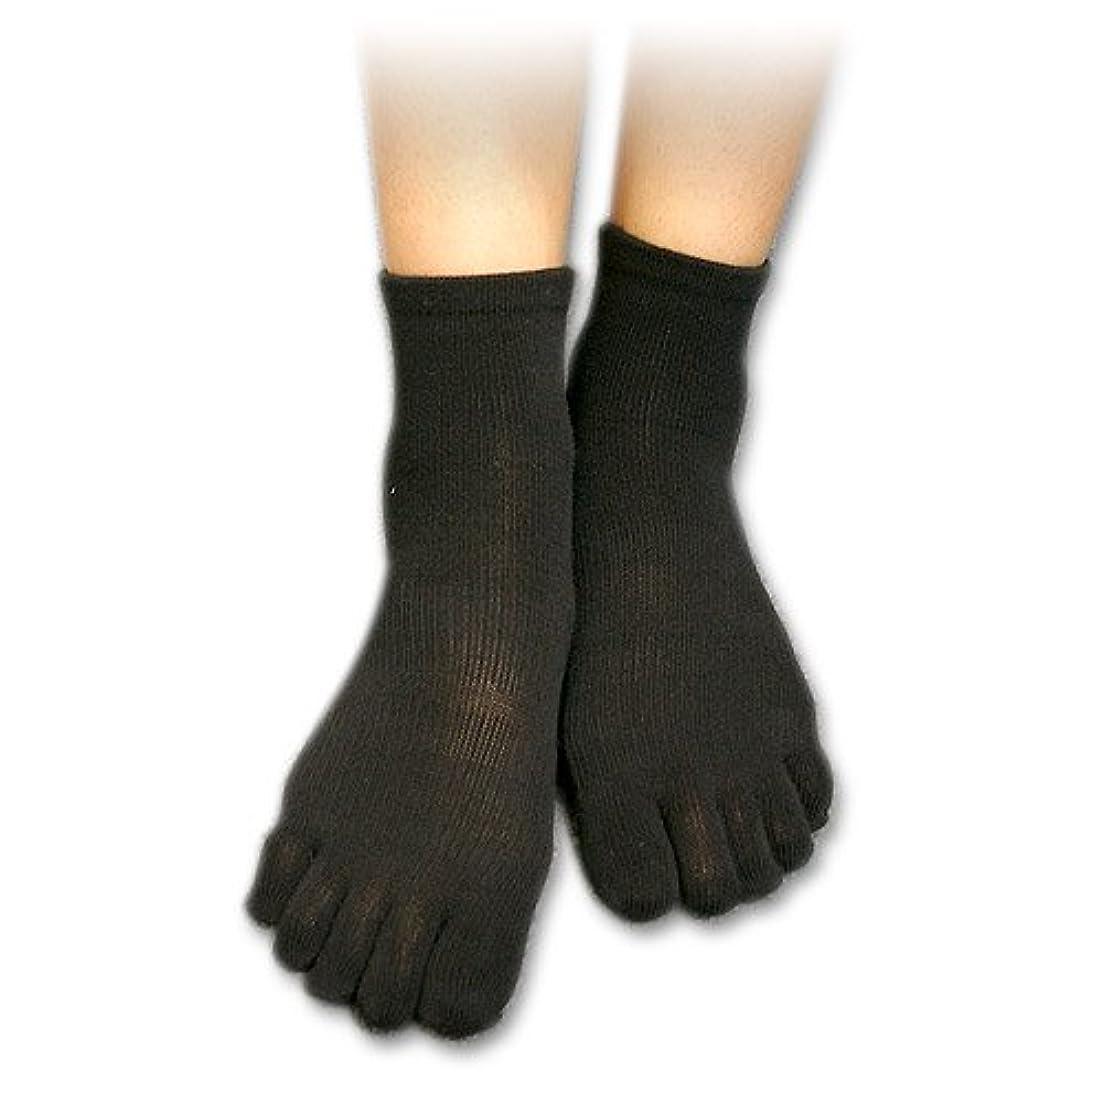 精神的に乳白色ほぼ足裏安定5本指靴下(L(26-28cm), ブラック)